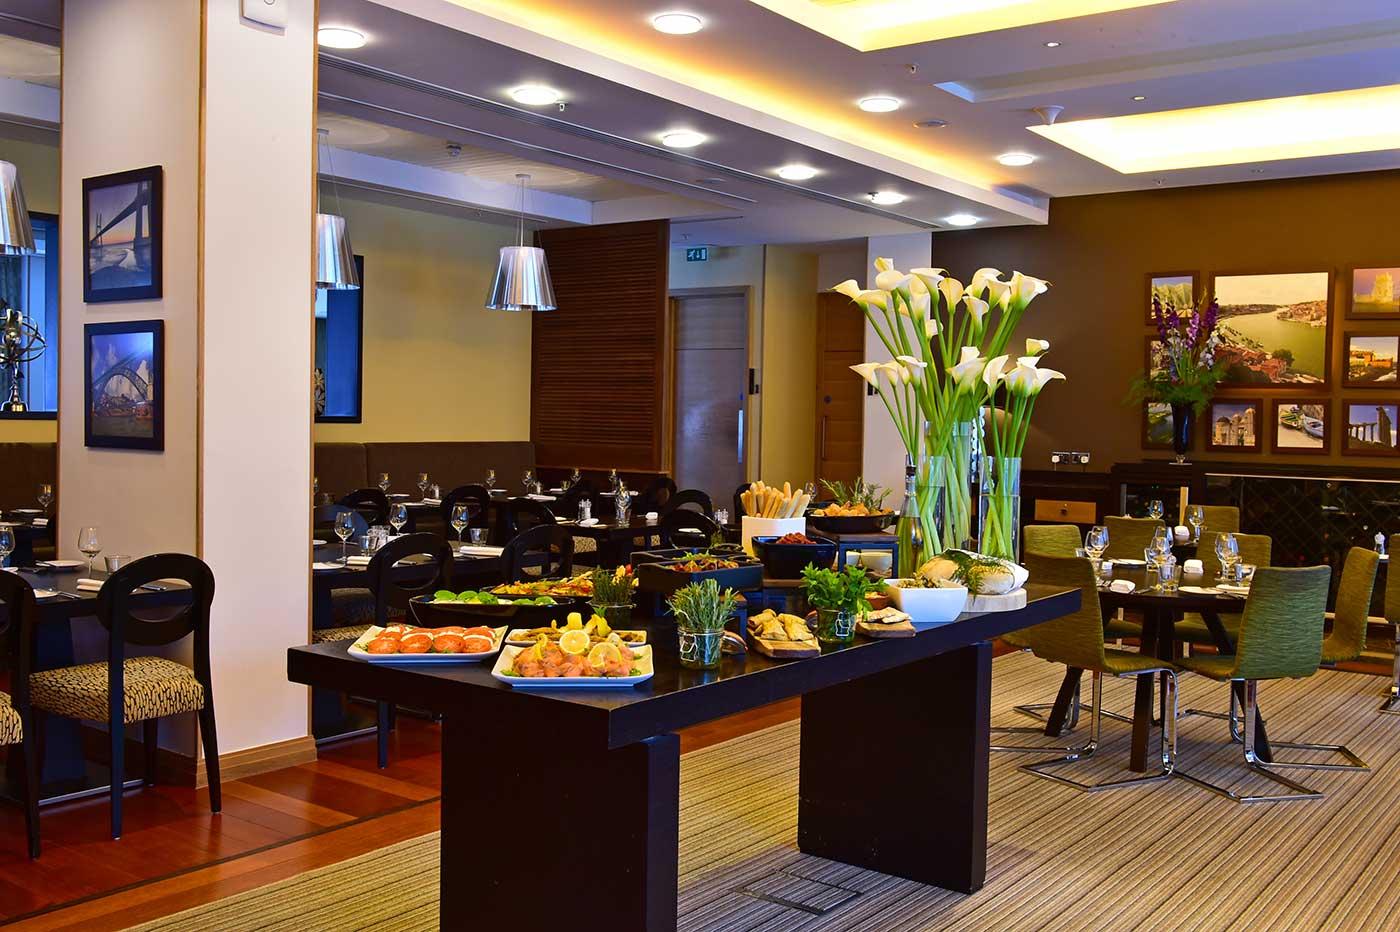 英国伦敦佩斯塔纳切尔西桥温泉酒店餐厅